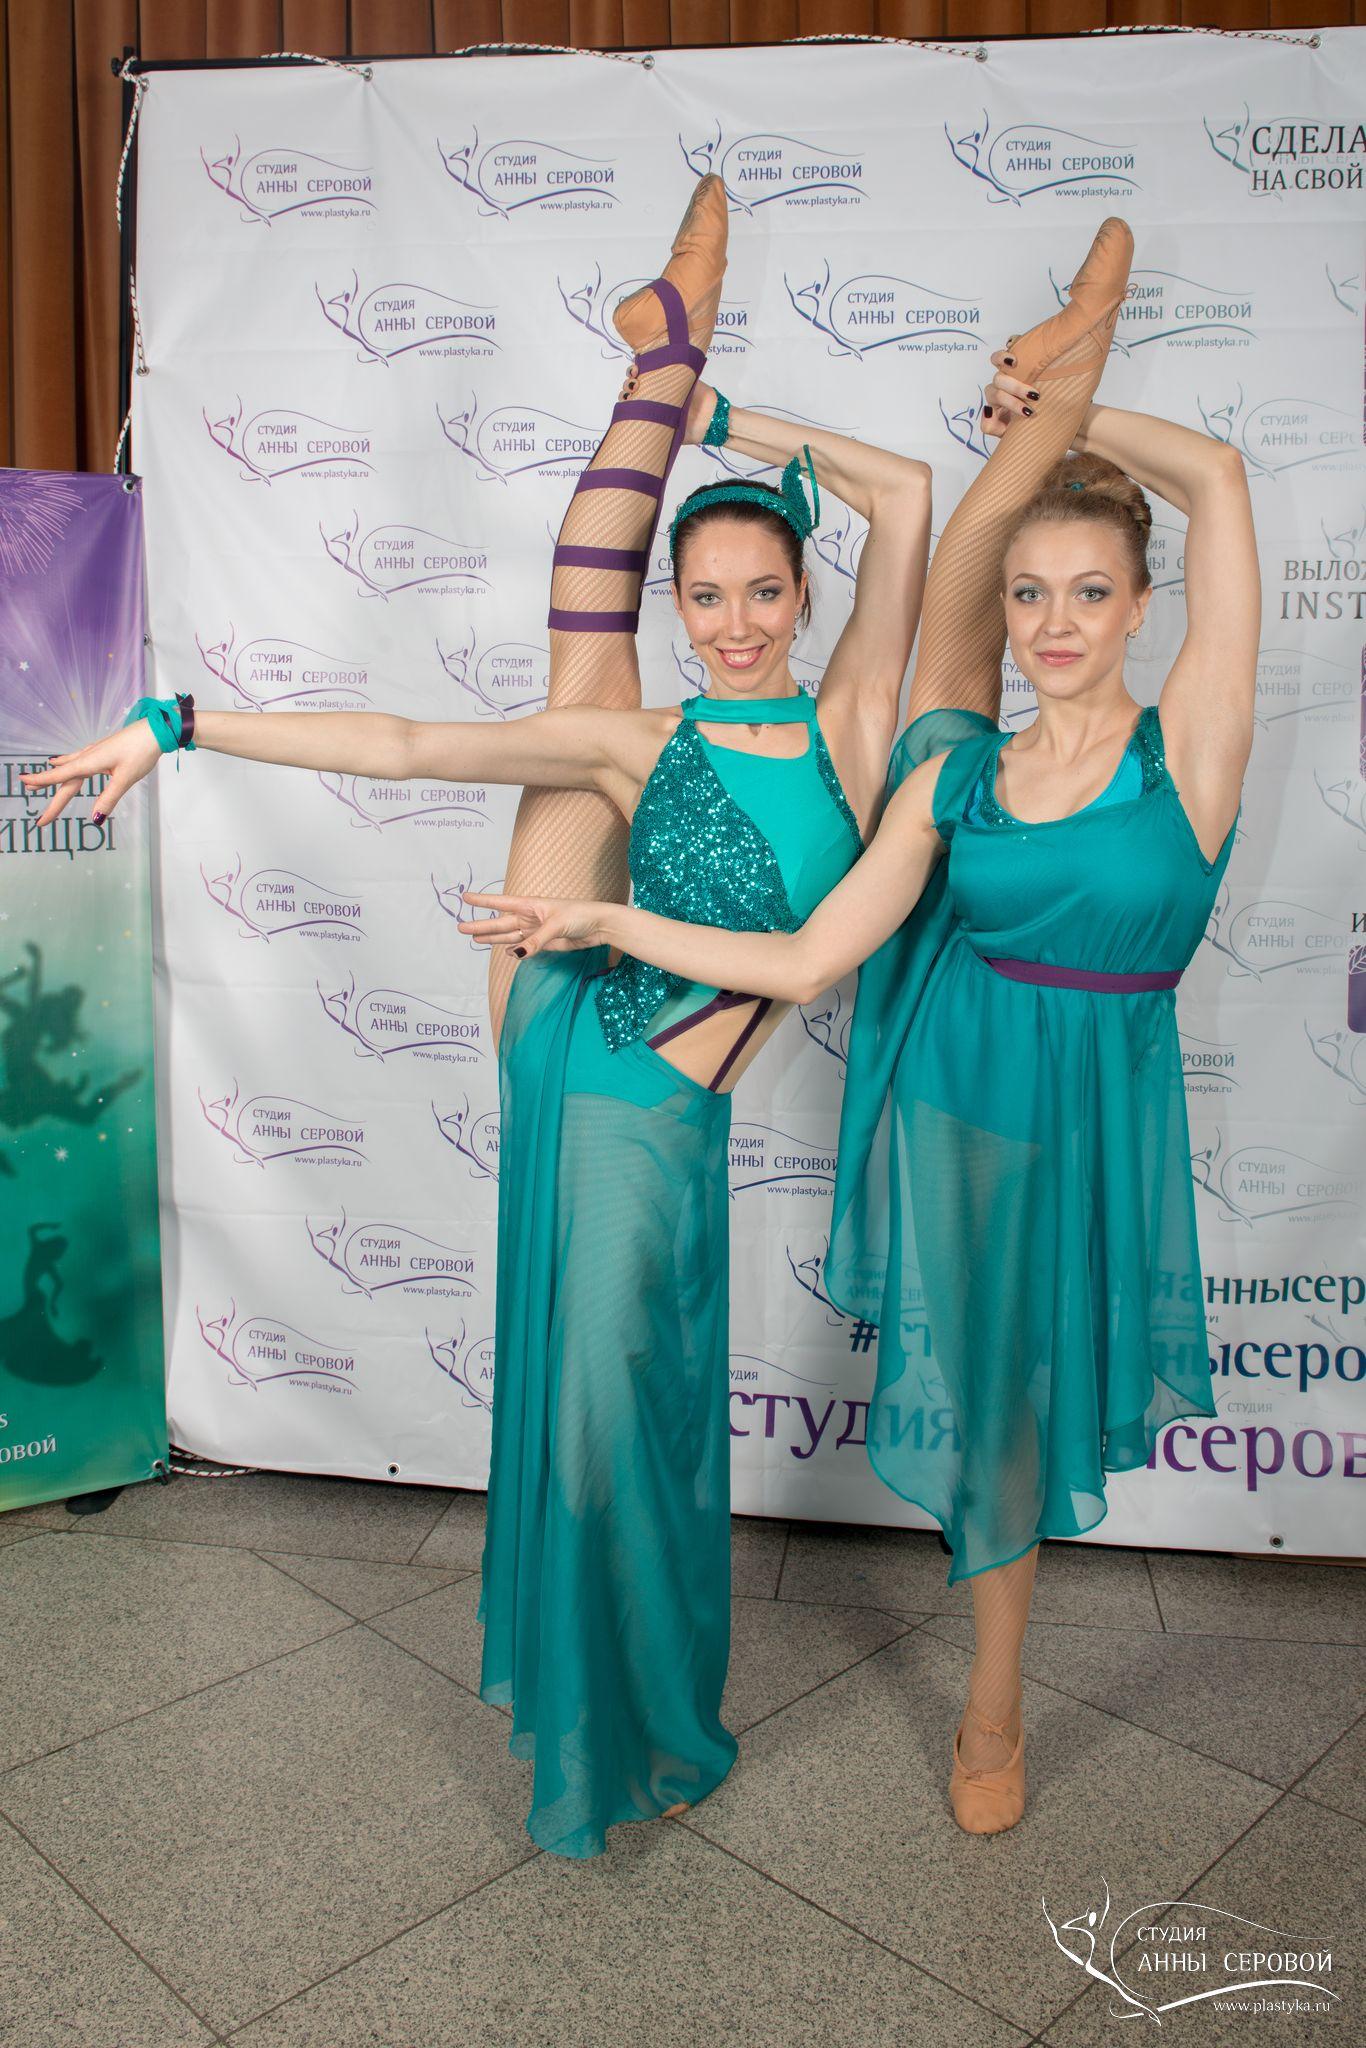 Преподаватели студии Анны Серовой